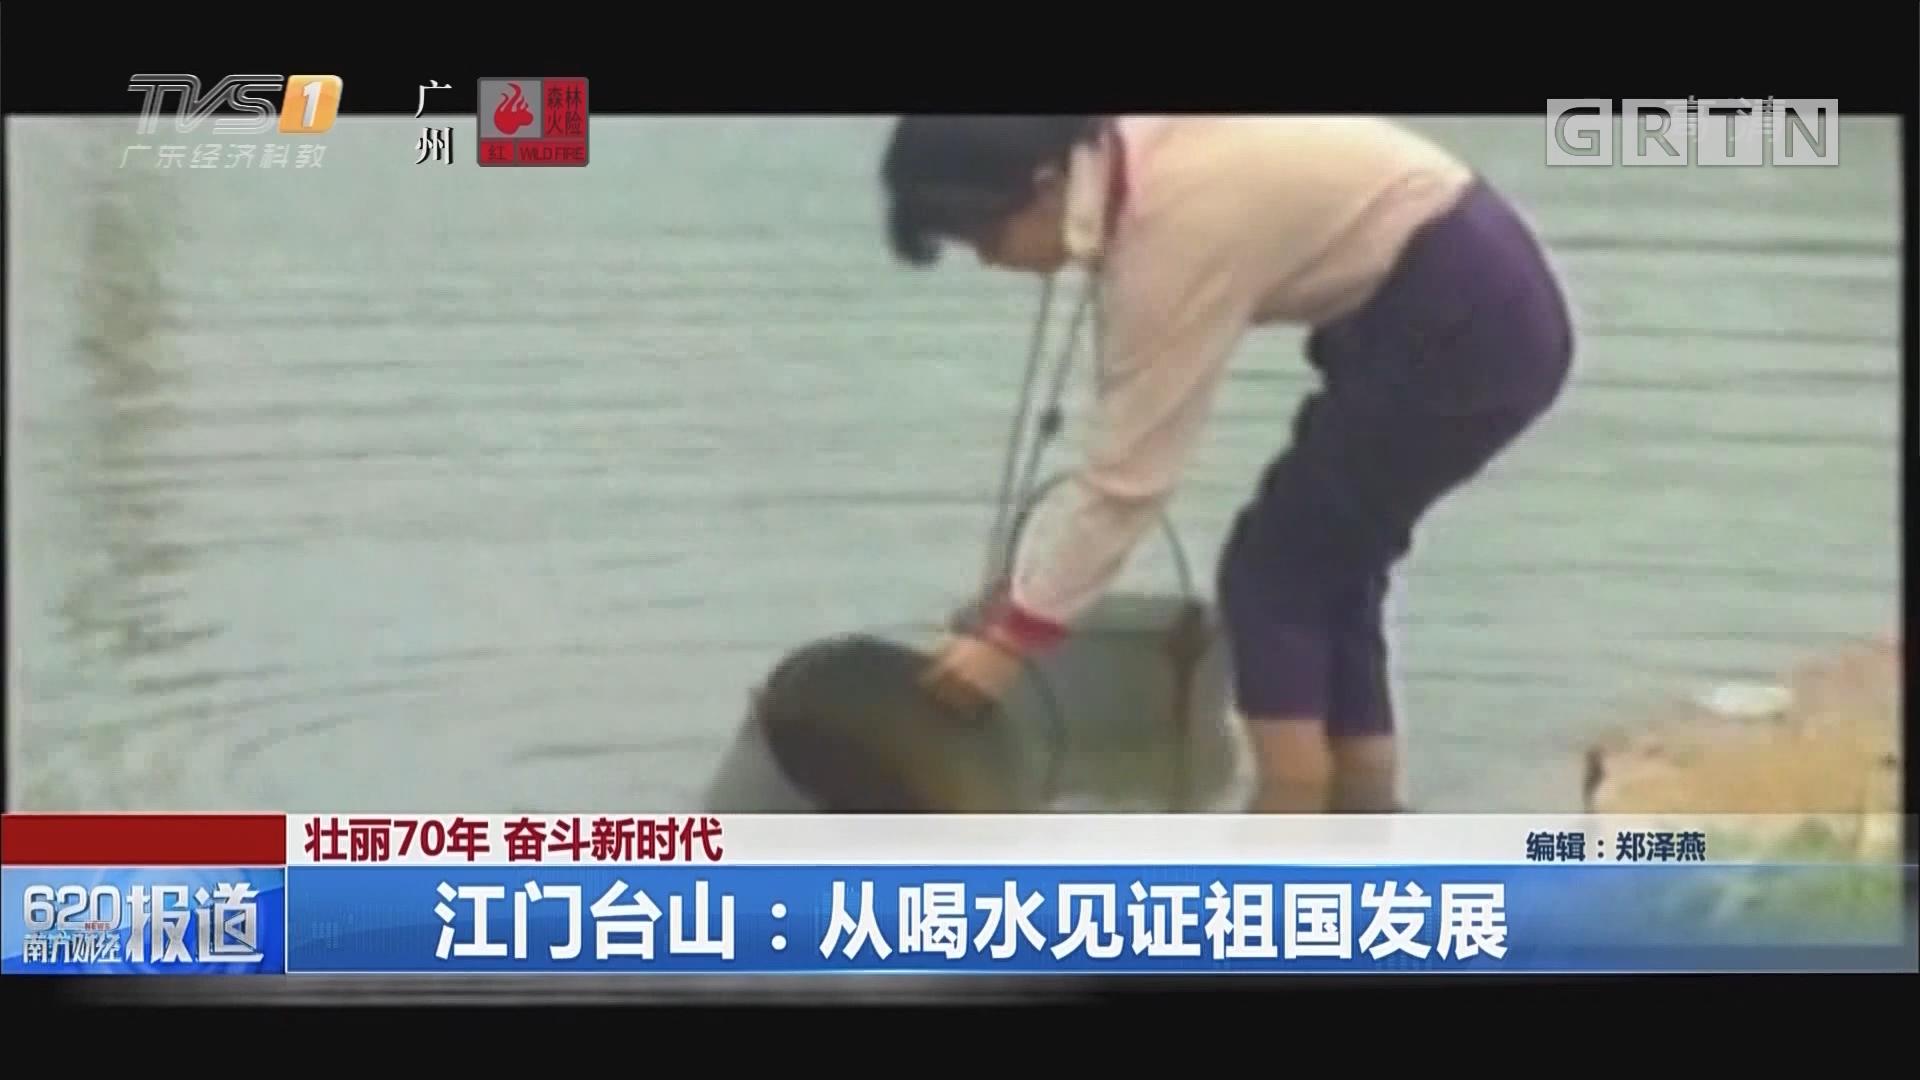 壮丽70年 奋斗新时代 江门台山:从喝水见证祖国发展